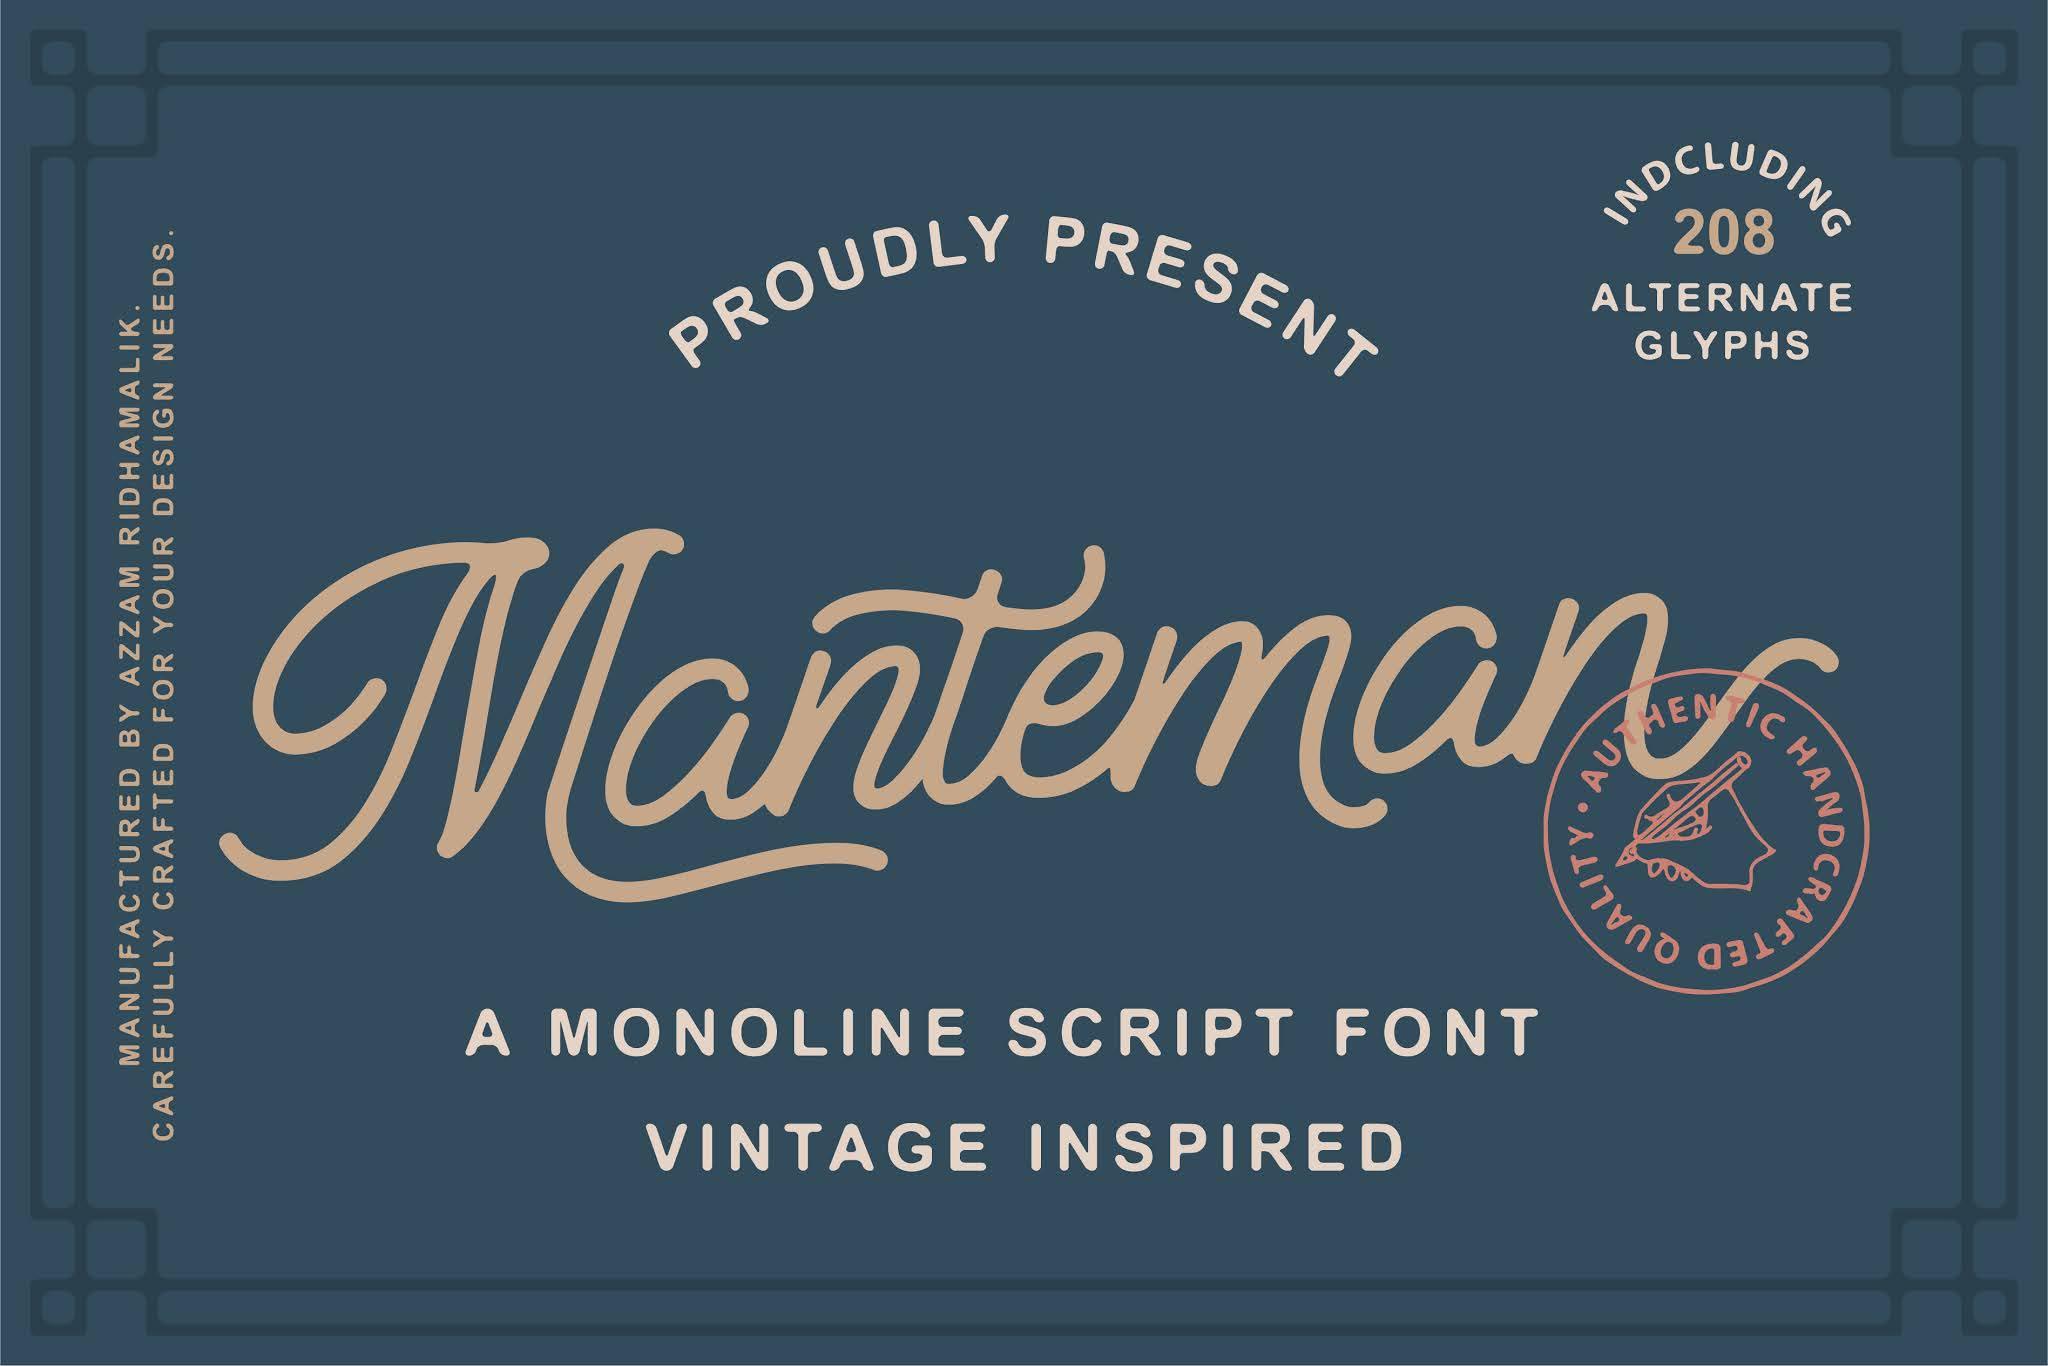 Manteman Font - Free Script Monoline Typeface